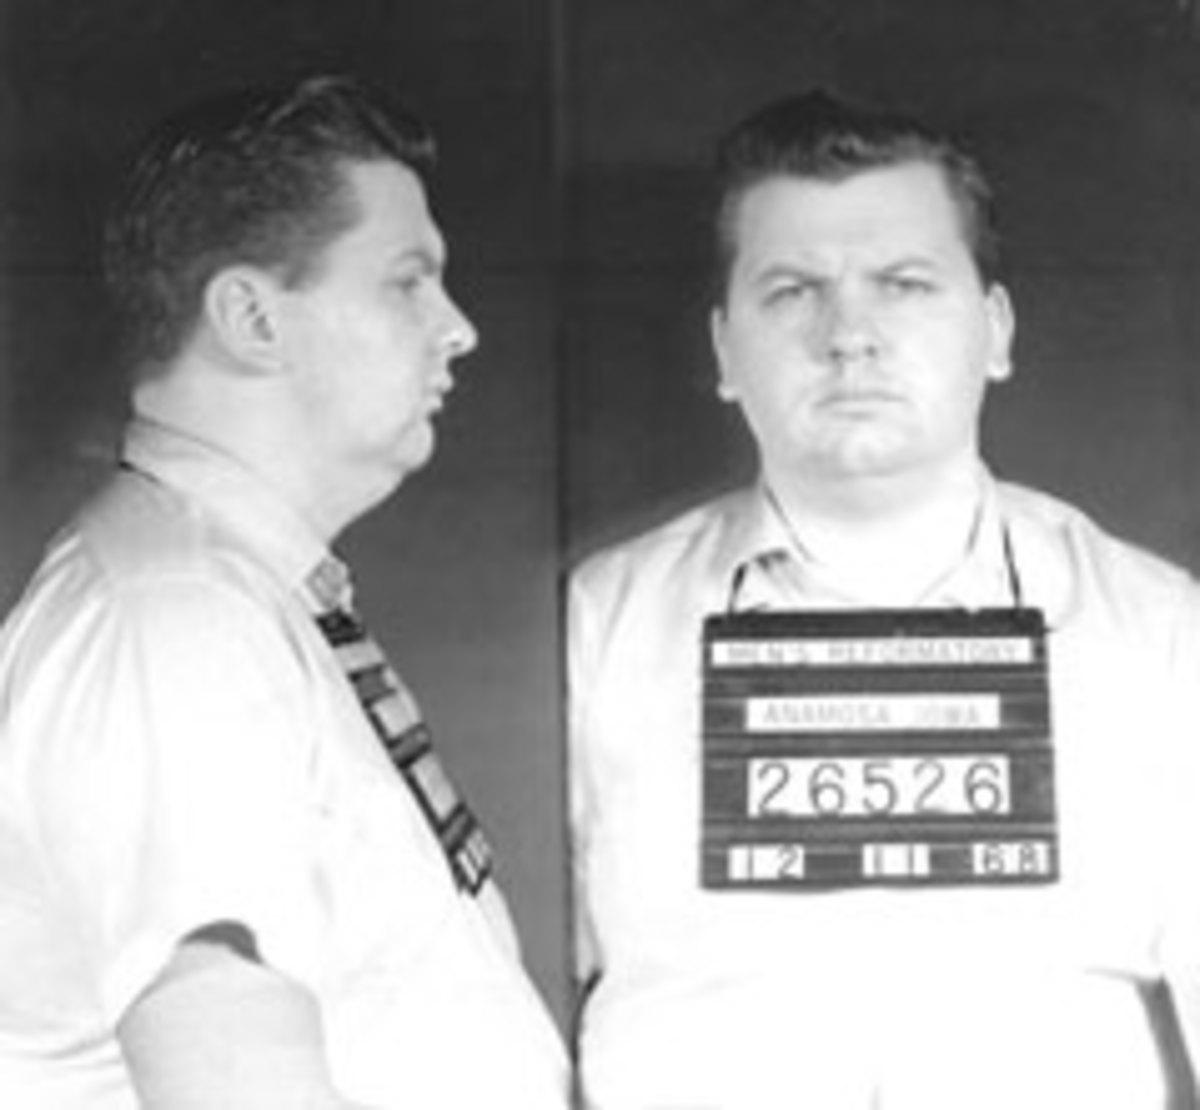 John Wayne Gacy  Mug Shot